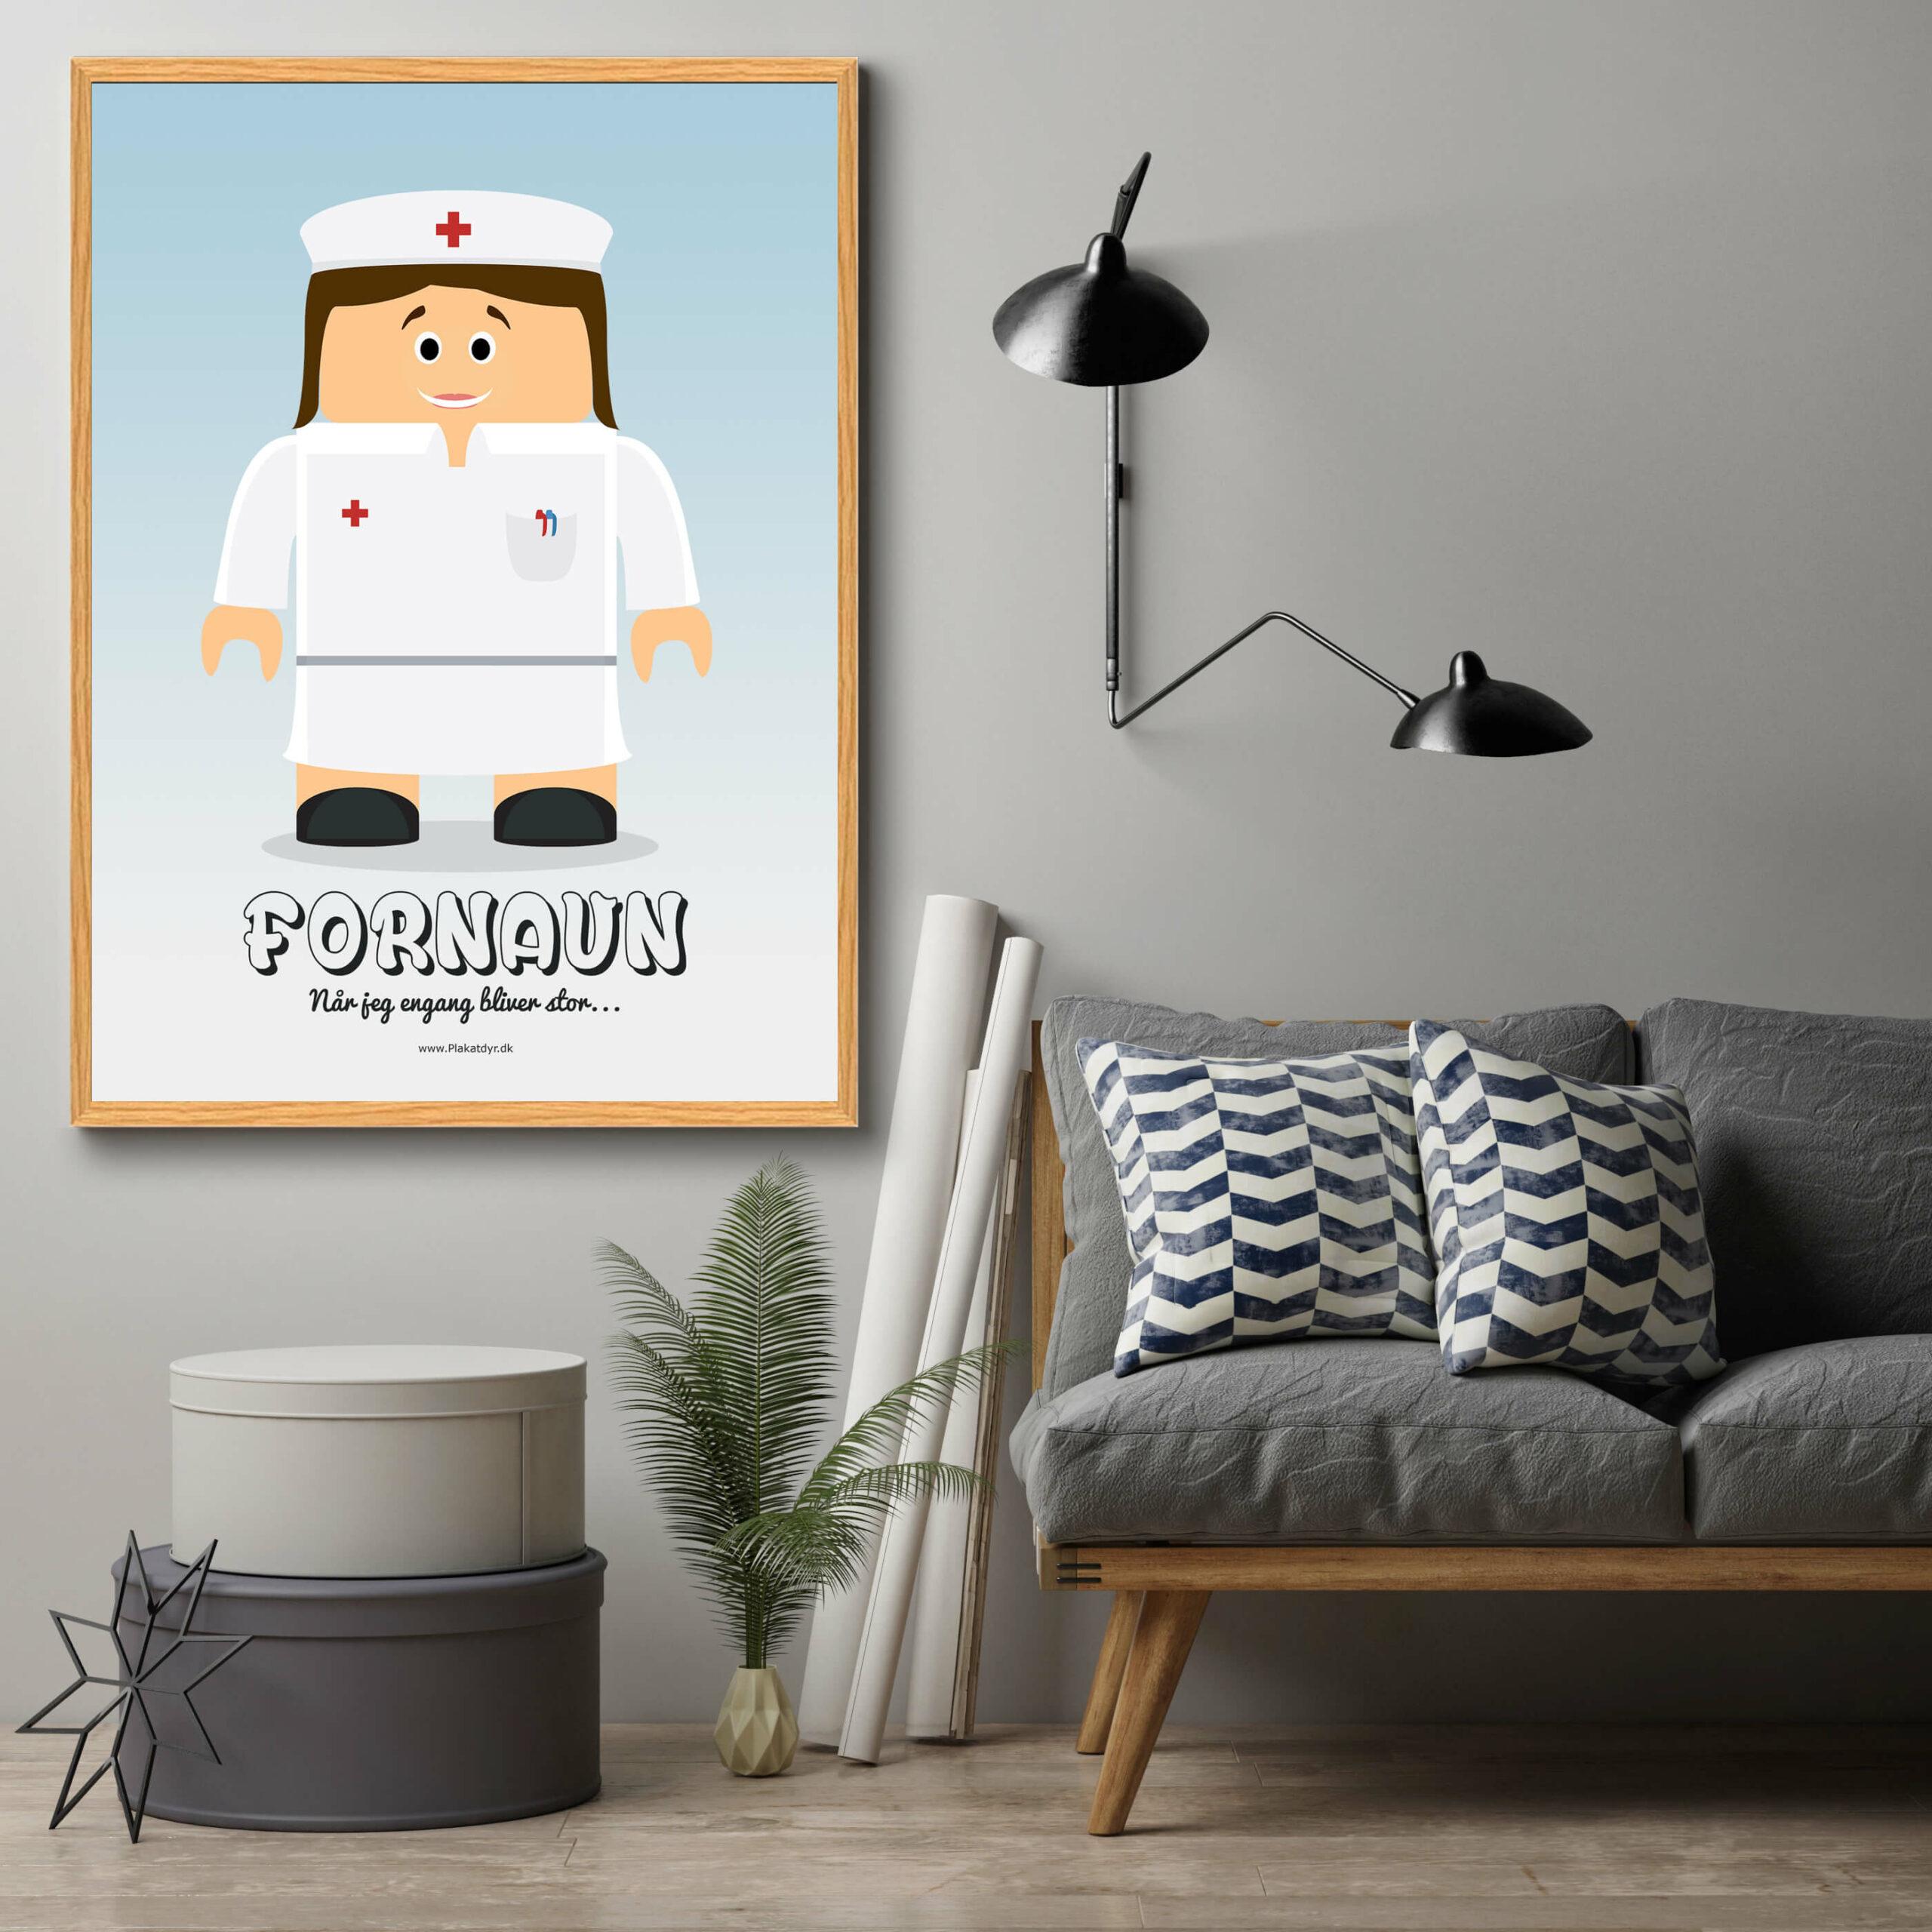 sygeplejske-naar-jeg-engang-bliver-stor